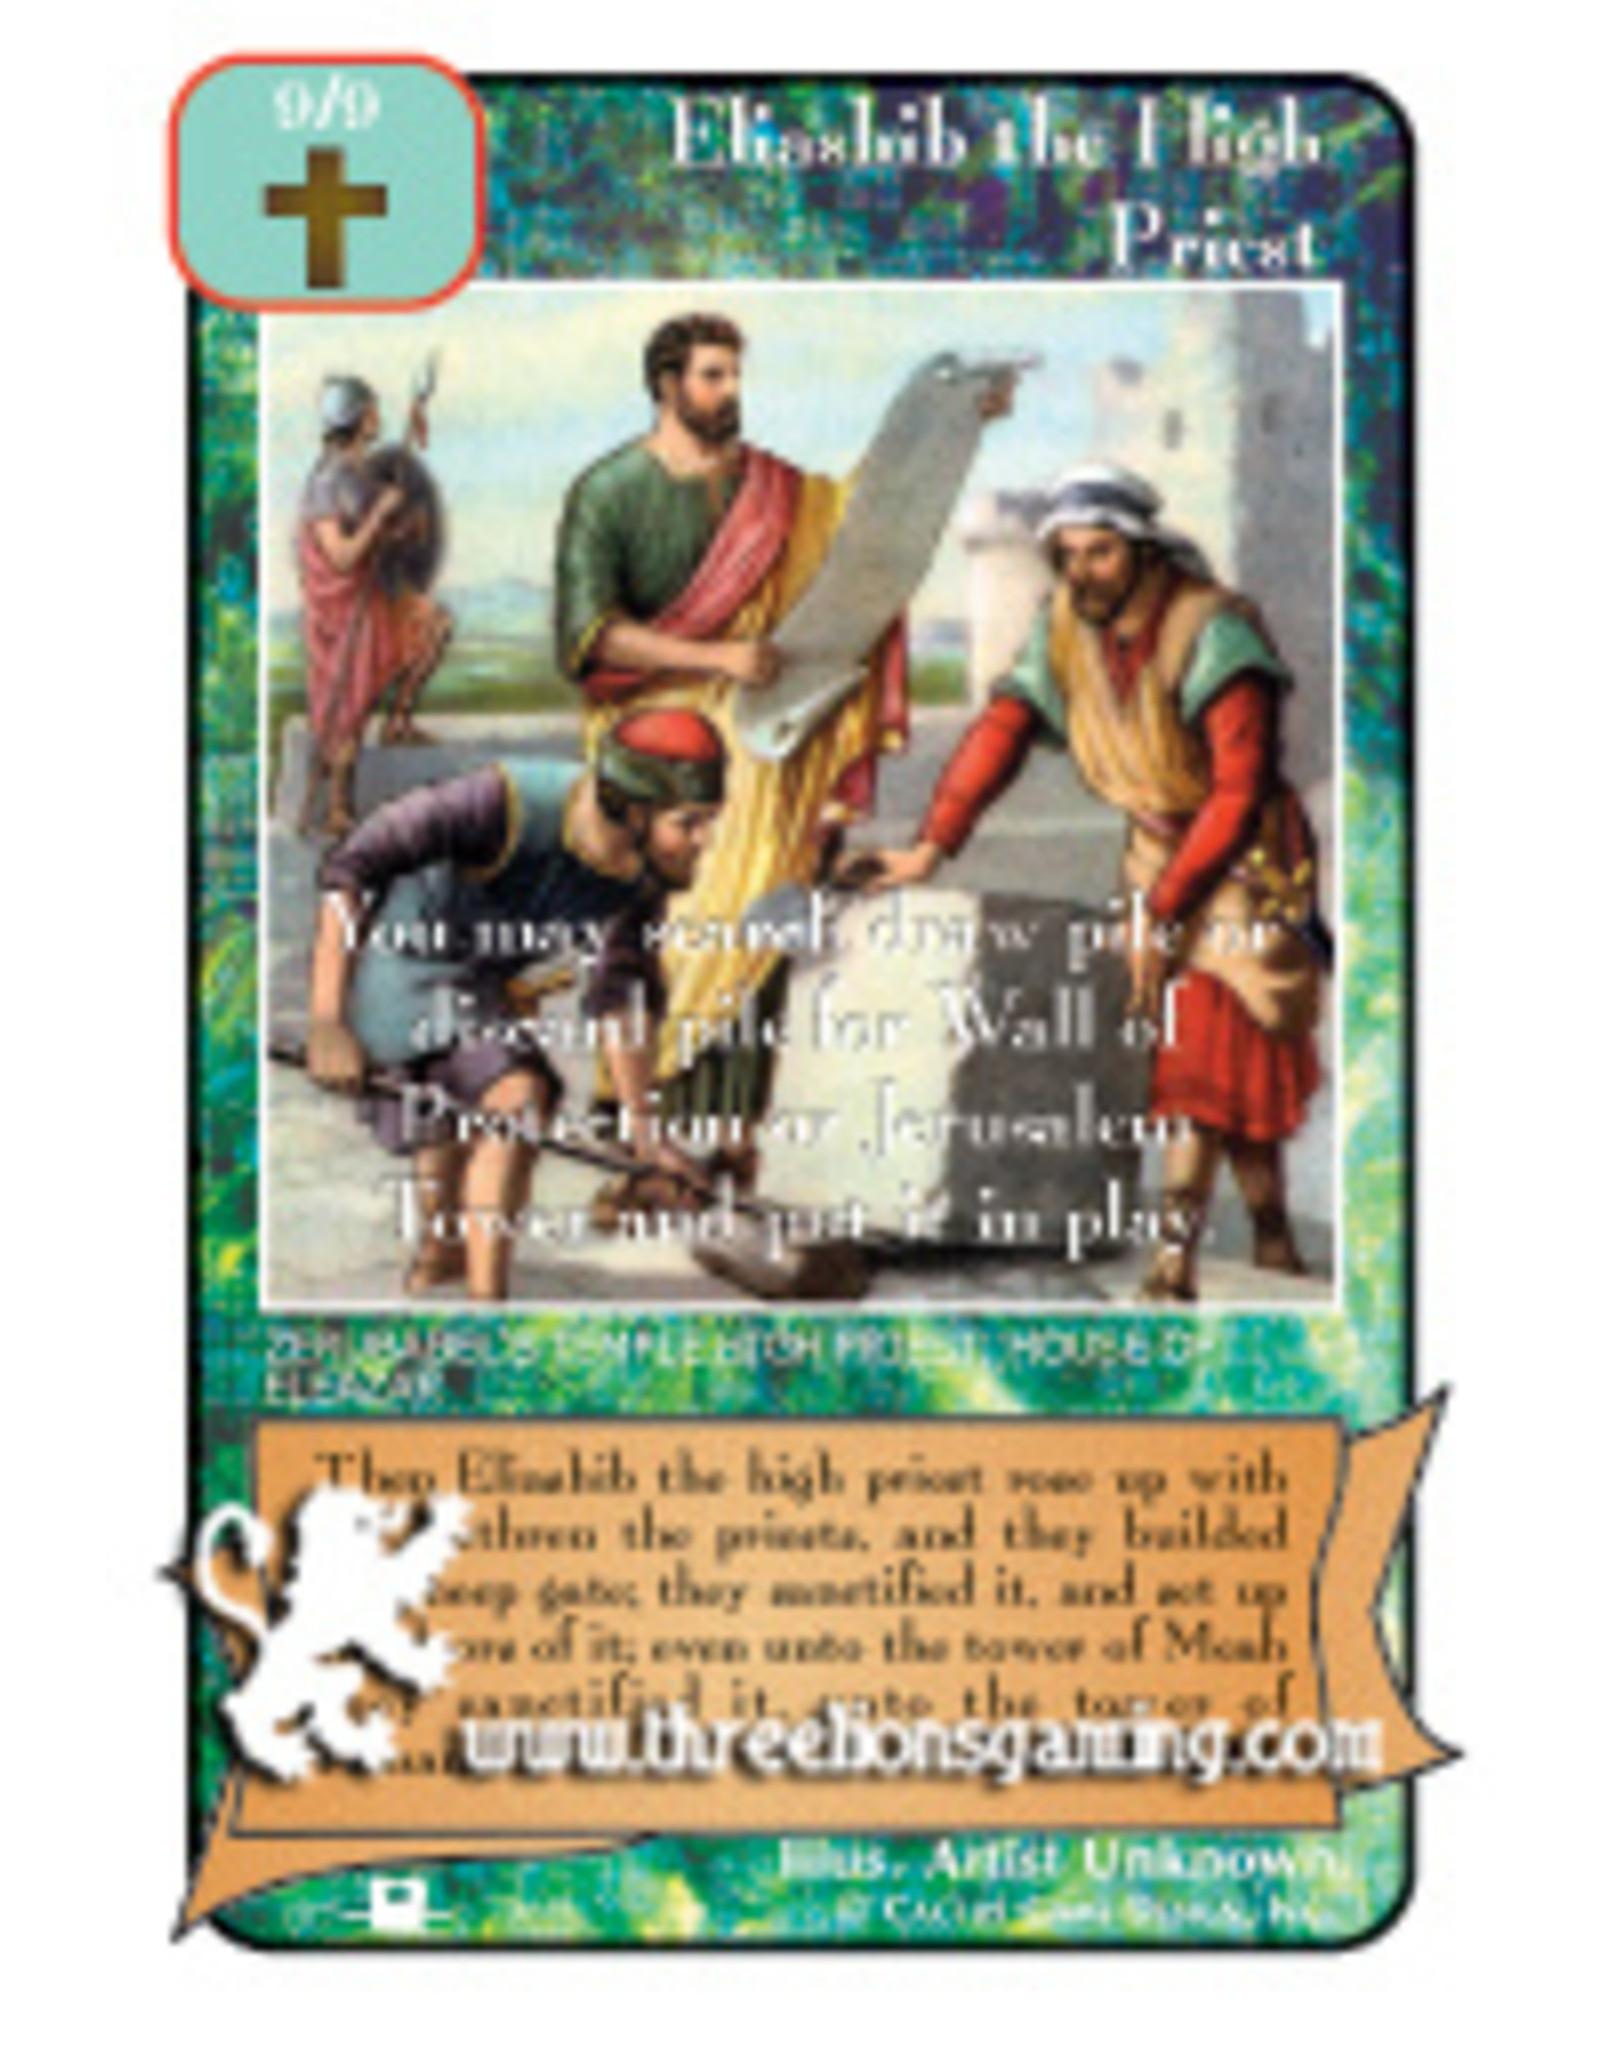 Priests: Eliashib the High Priest